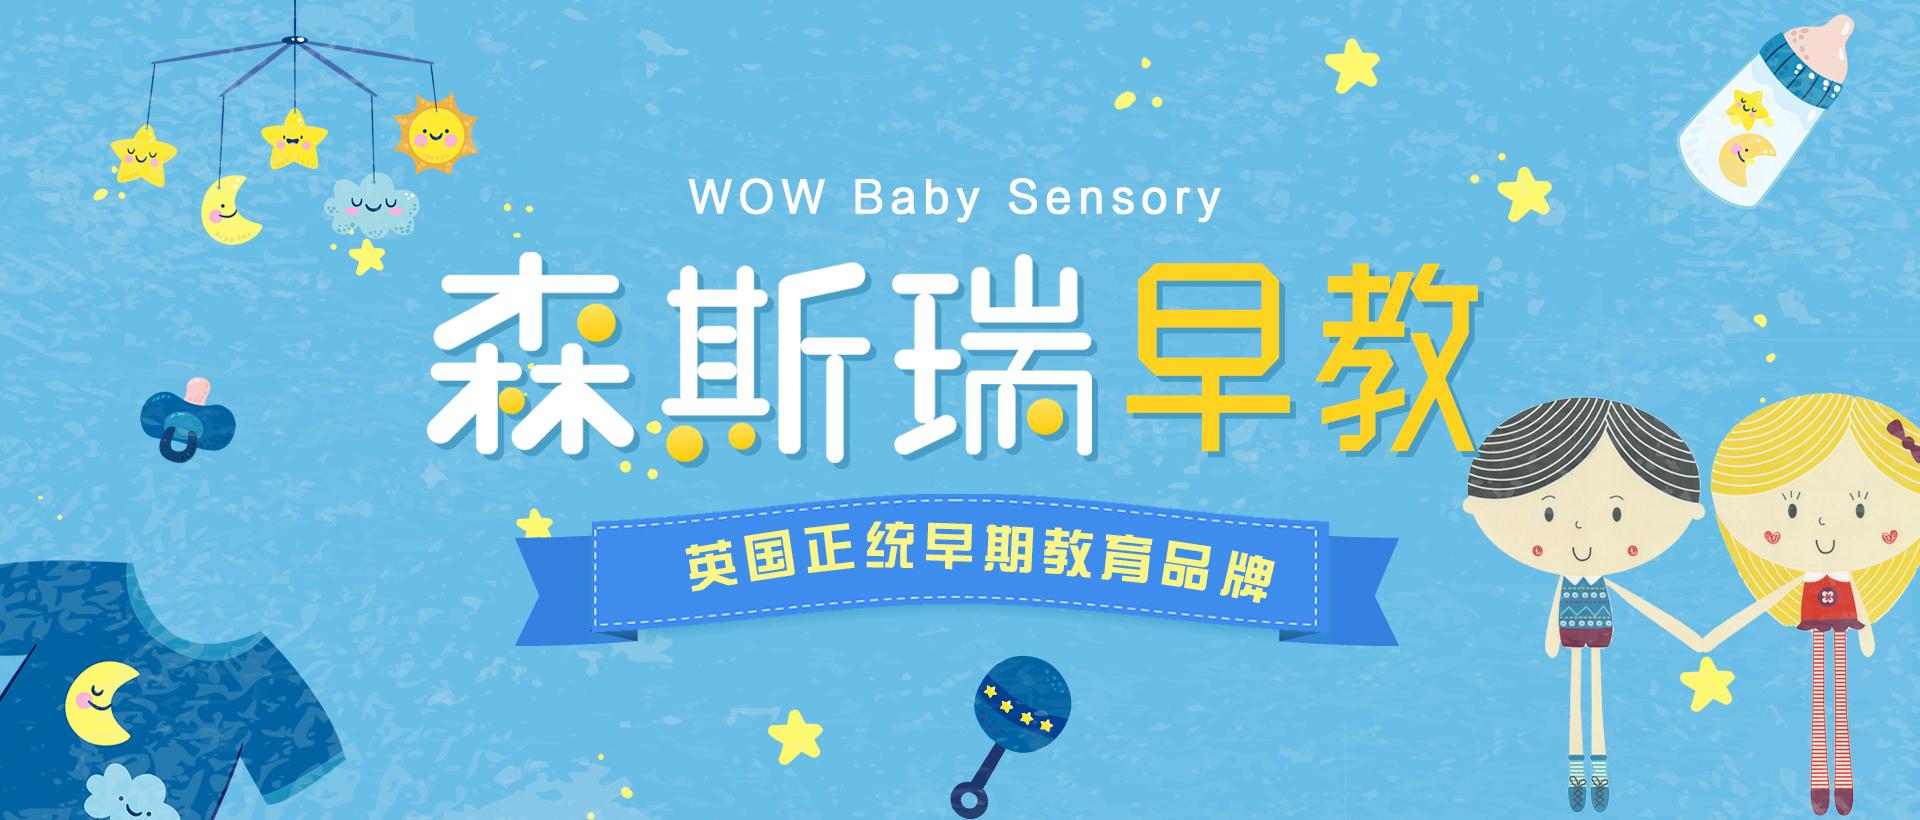 加盟WOW Baby Sensory森斯瑞国际早教,抢占新一轮的财富风暴